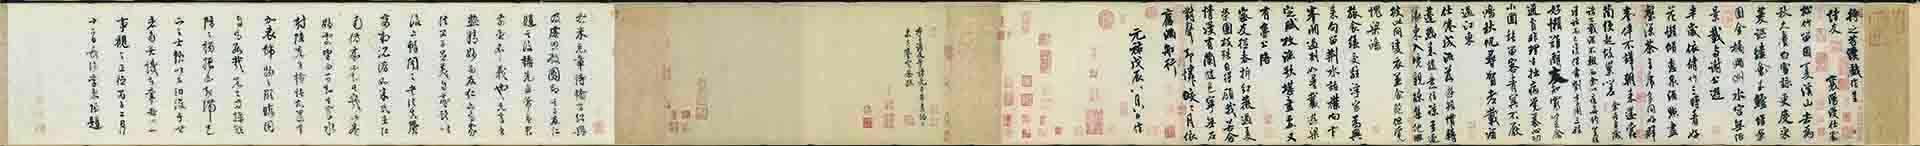 北宋 米芾 苕溪诗卷全卷纸本30.3x189.5